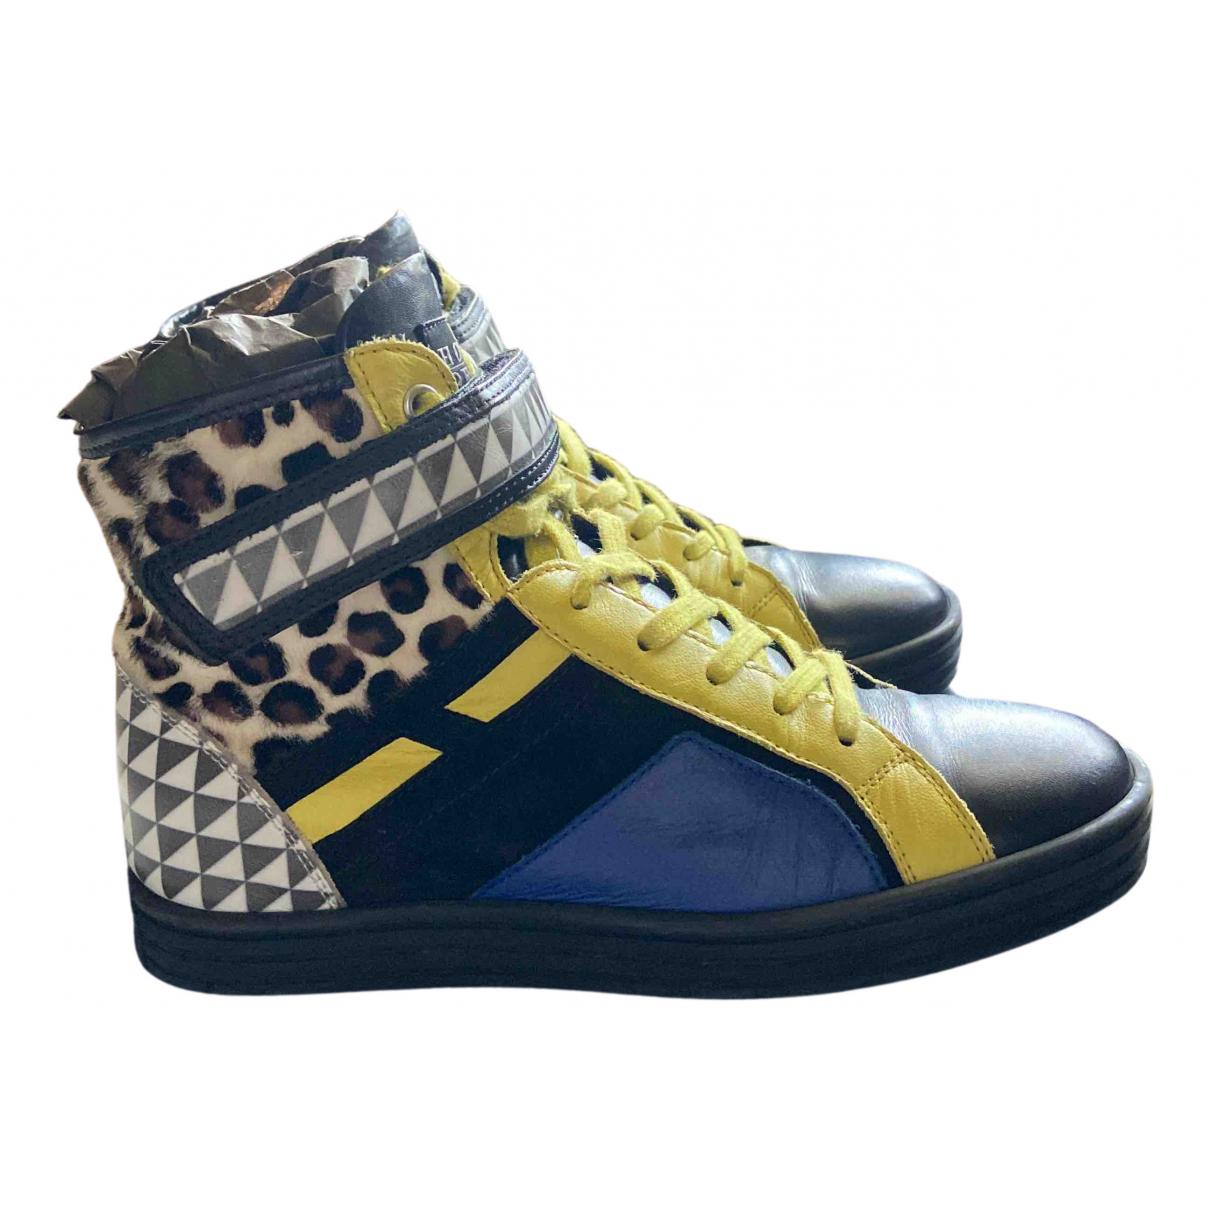 Hogan \N Sneakers in  Schwarz Kalbsleder in Pony-Optik